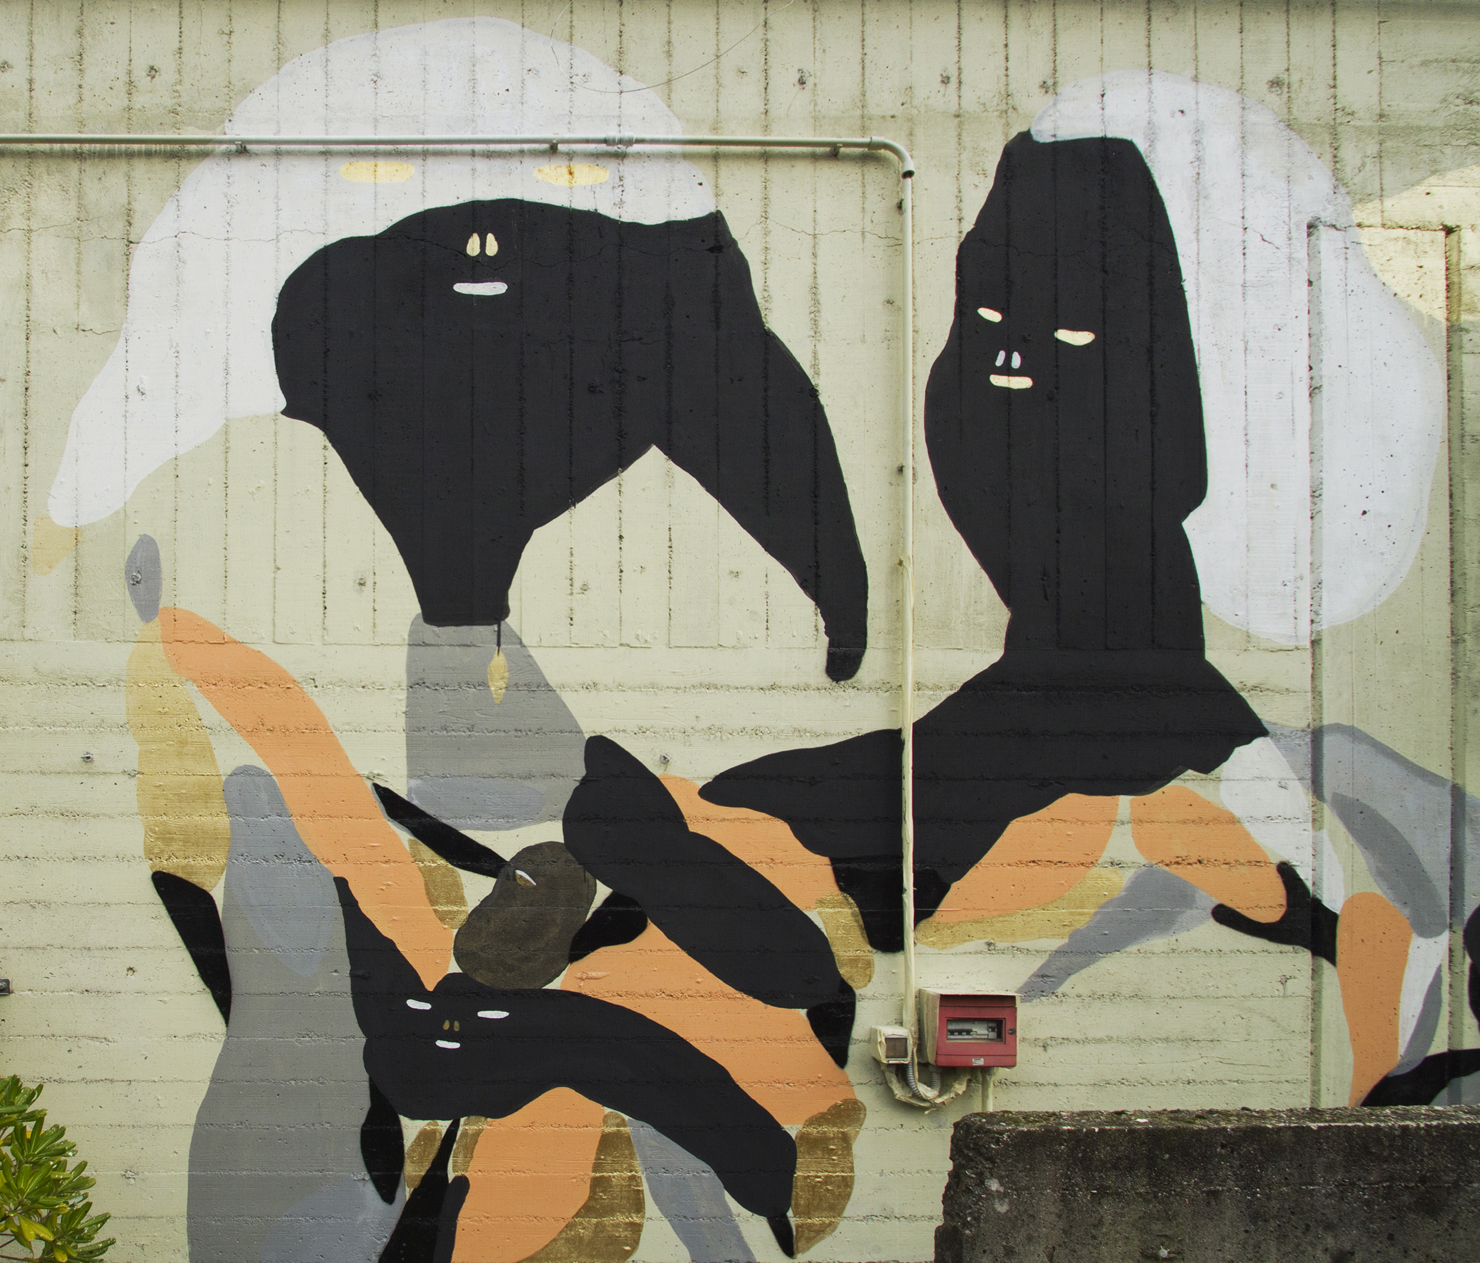 giorgio-bartocci-new-mural-in-monza-04